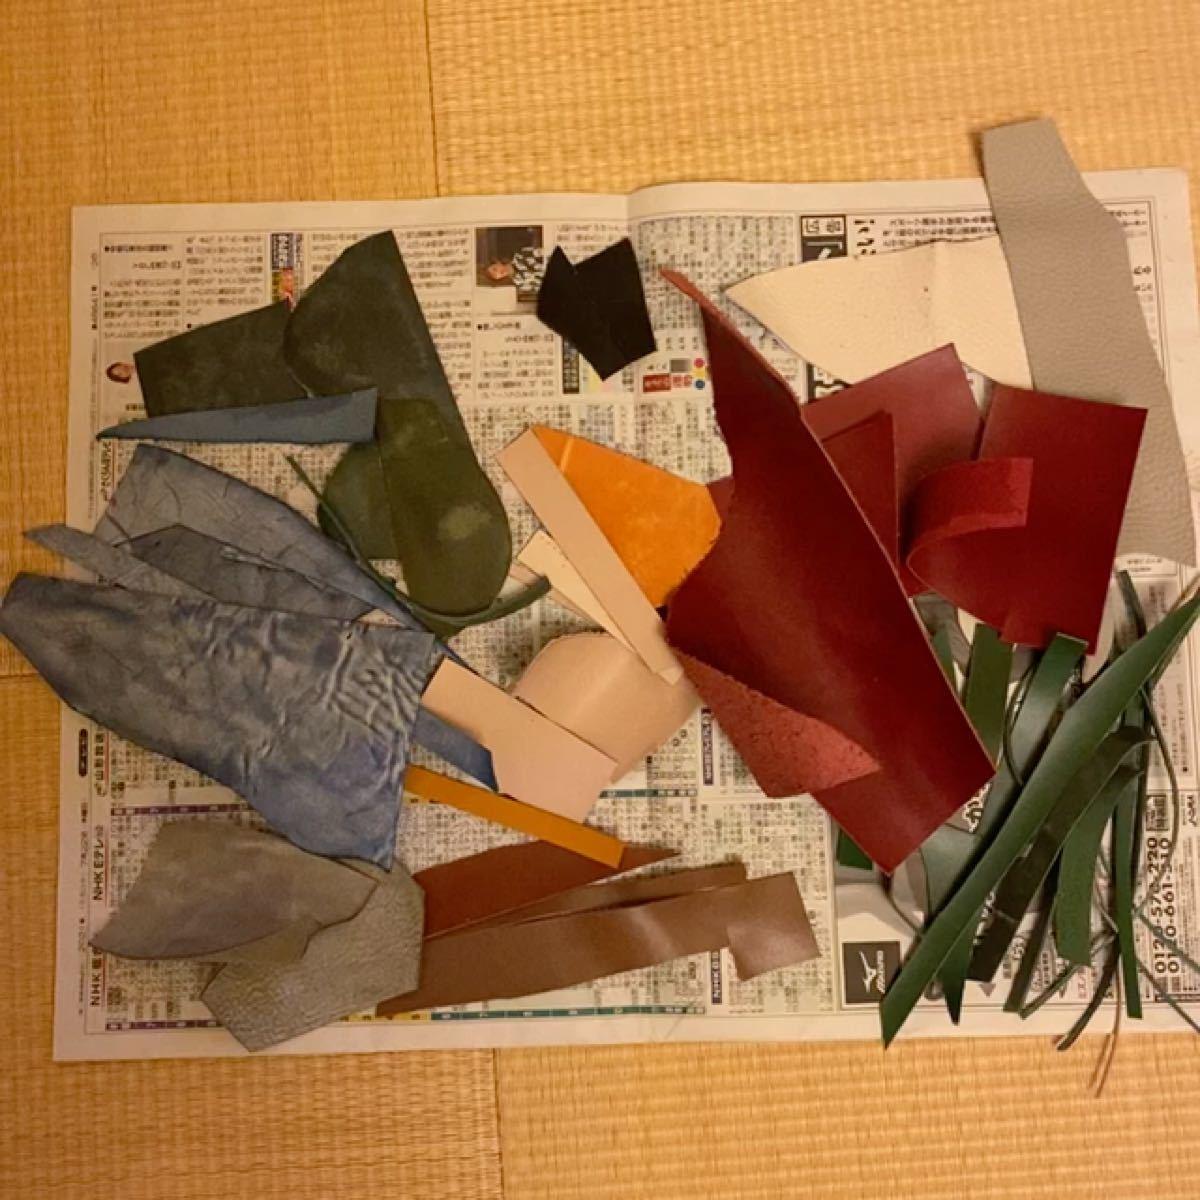 レザーはぎれ詰め合わせ C ハギレ 本革 赤 プエブロ アラスカ 手芸 DIY アクセサリー作り